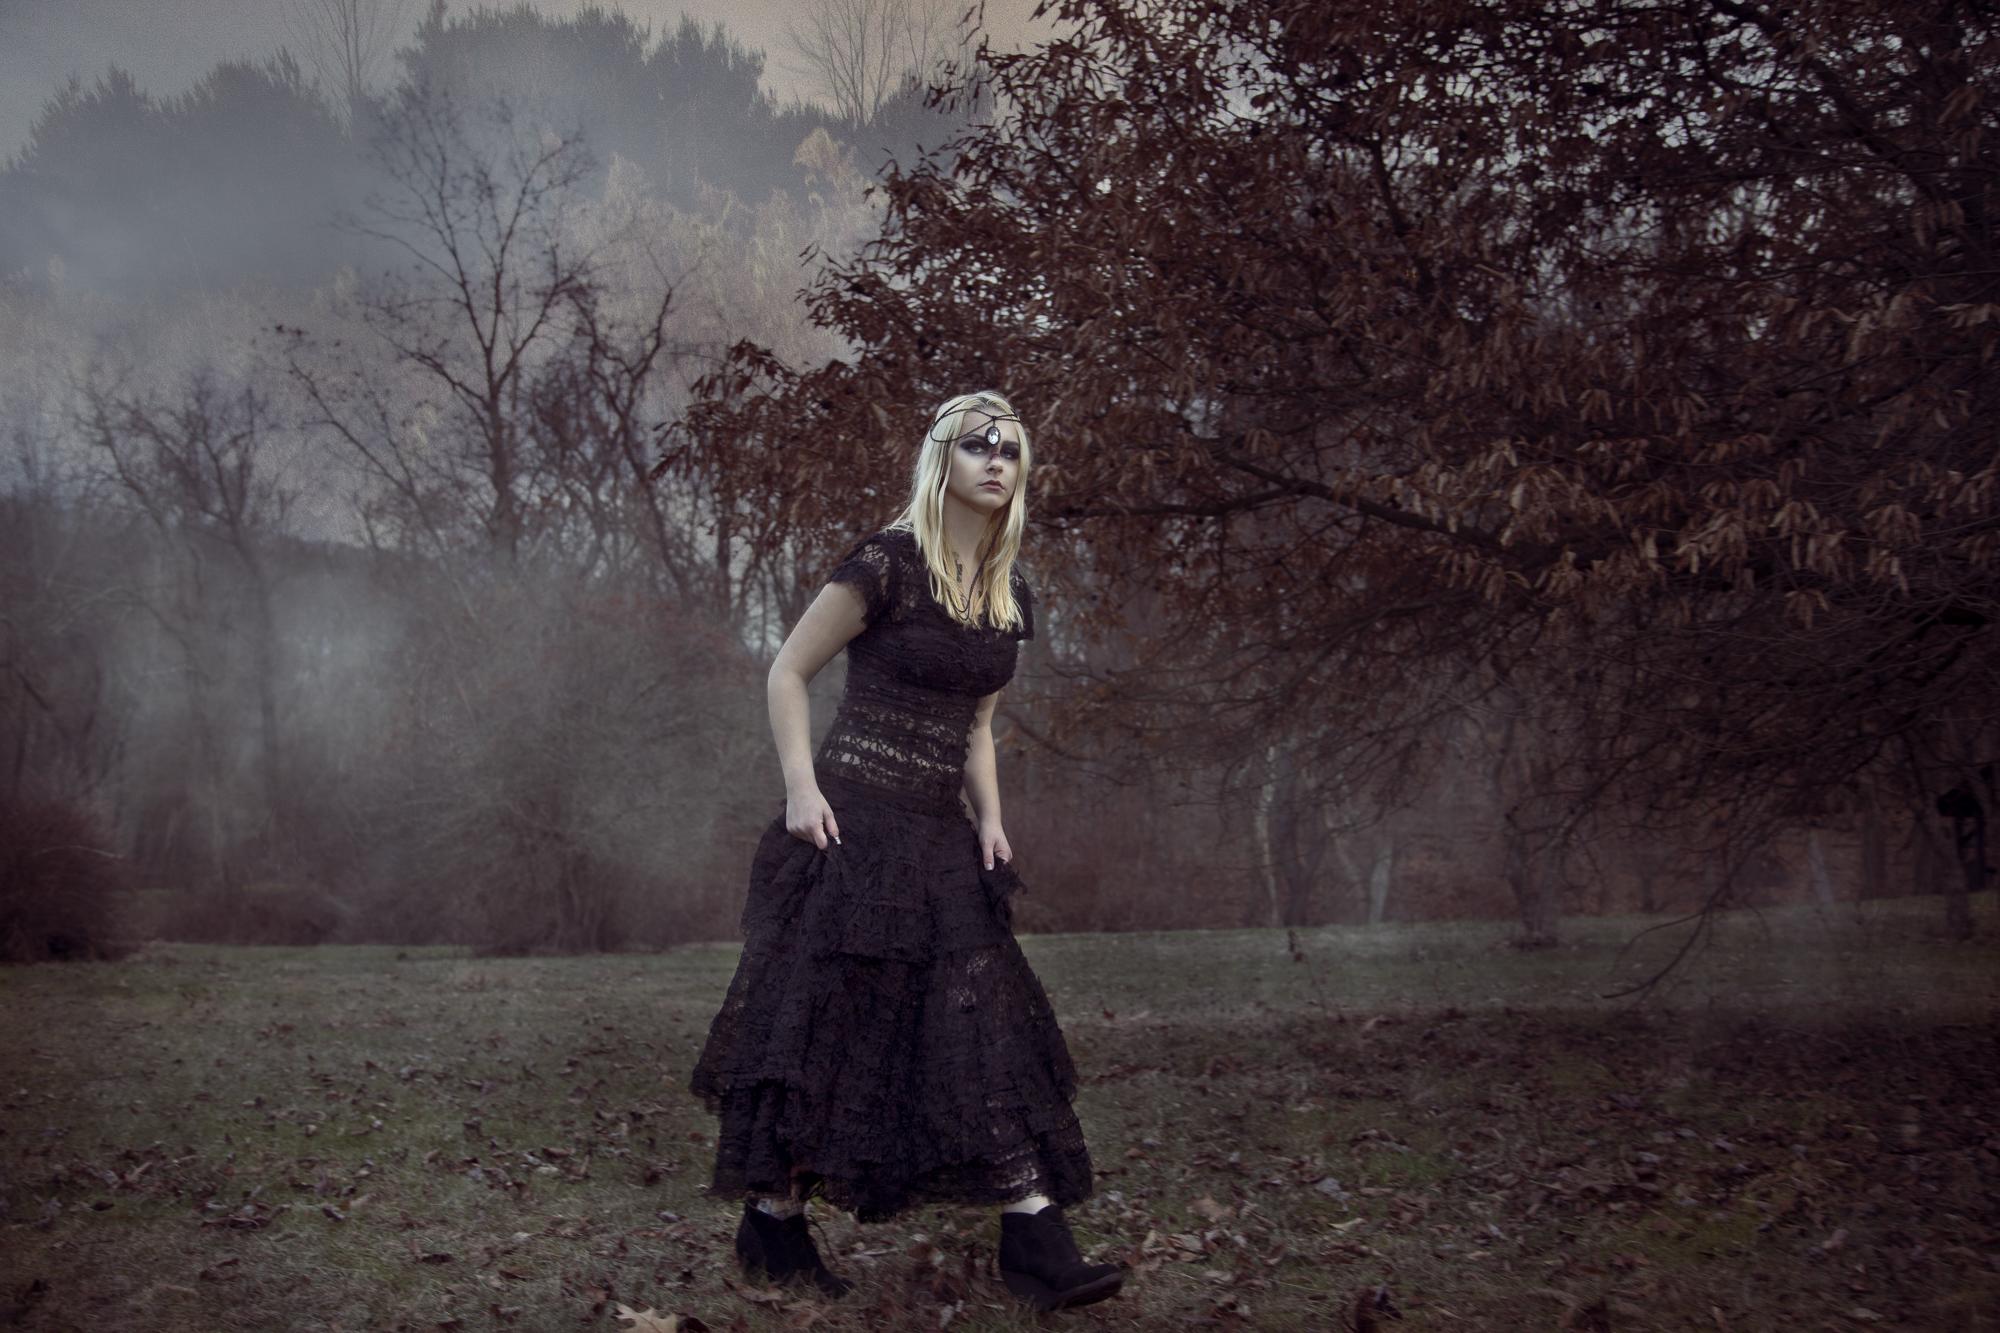 Shiloh Victoria Leath, Image 2